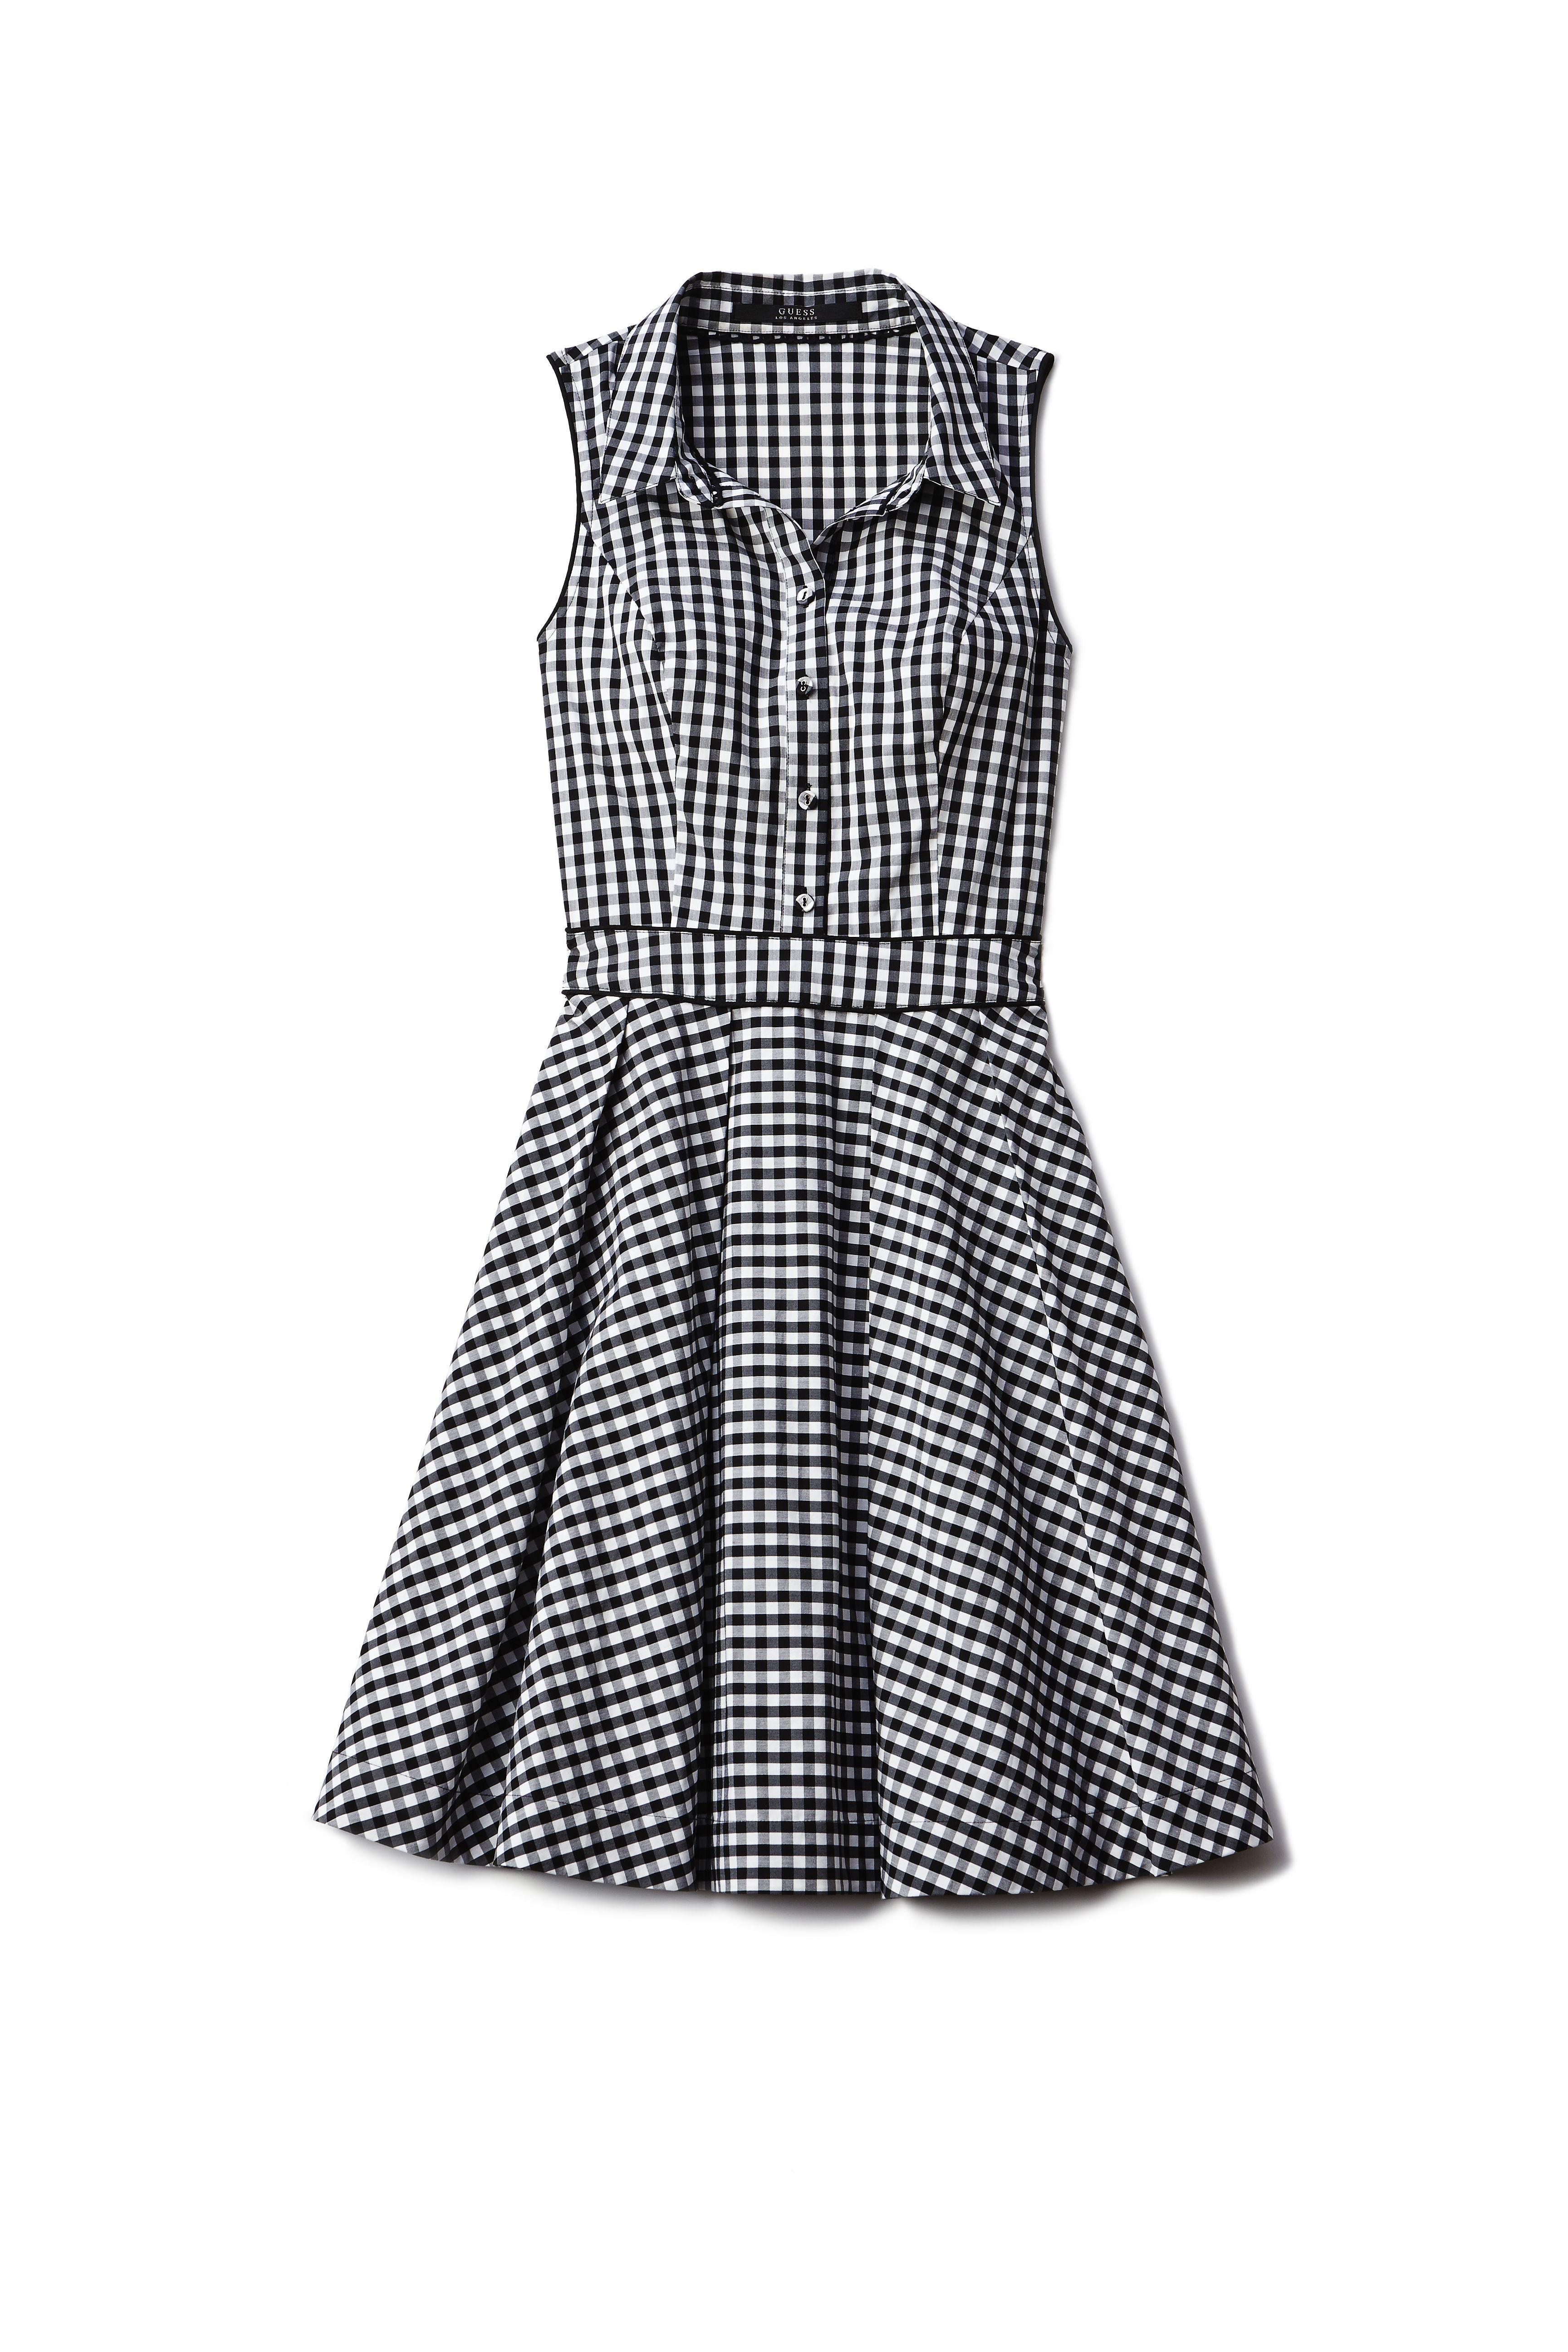 """Guess Sleeveless Gingham Shirtdress, $108; <a target=""""_blank"""" href=""""http://shop.guess.com/en/Catalog/View/women/dresses/sleeveless-gingham-shirtdress/W52K79W6M30"""">guess.com</a>"""